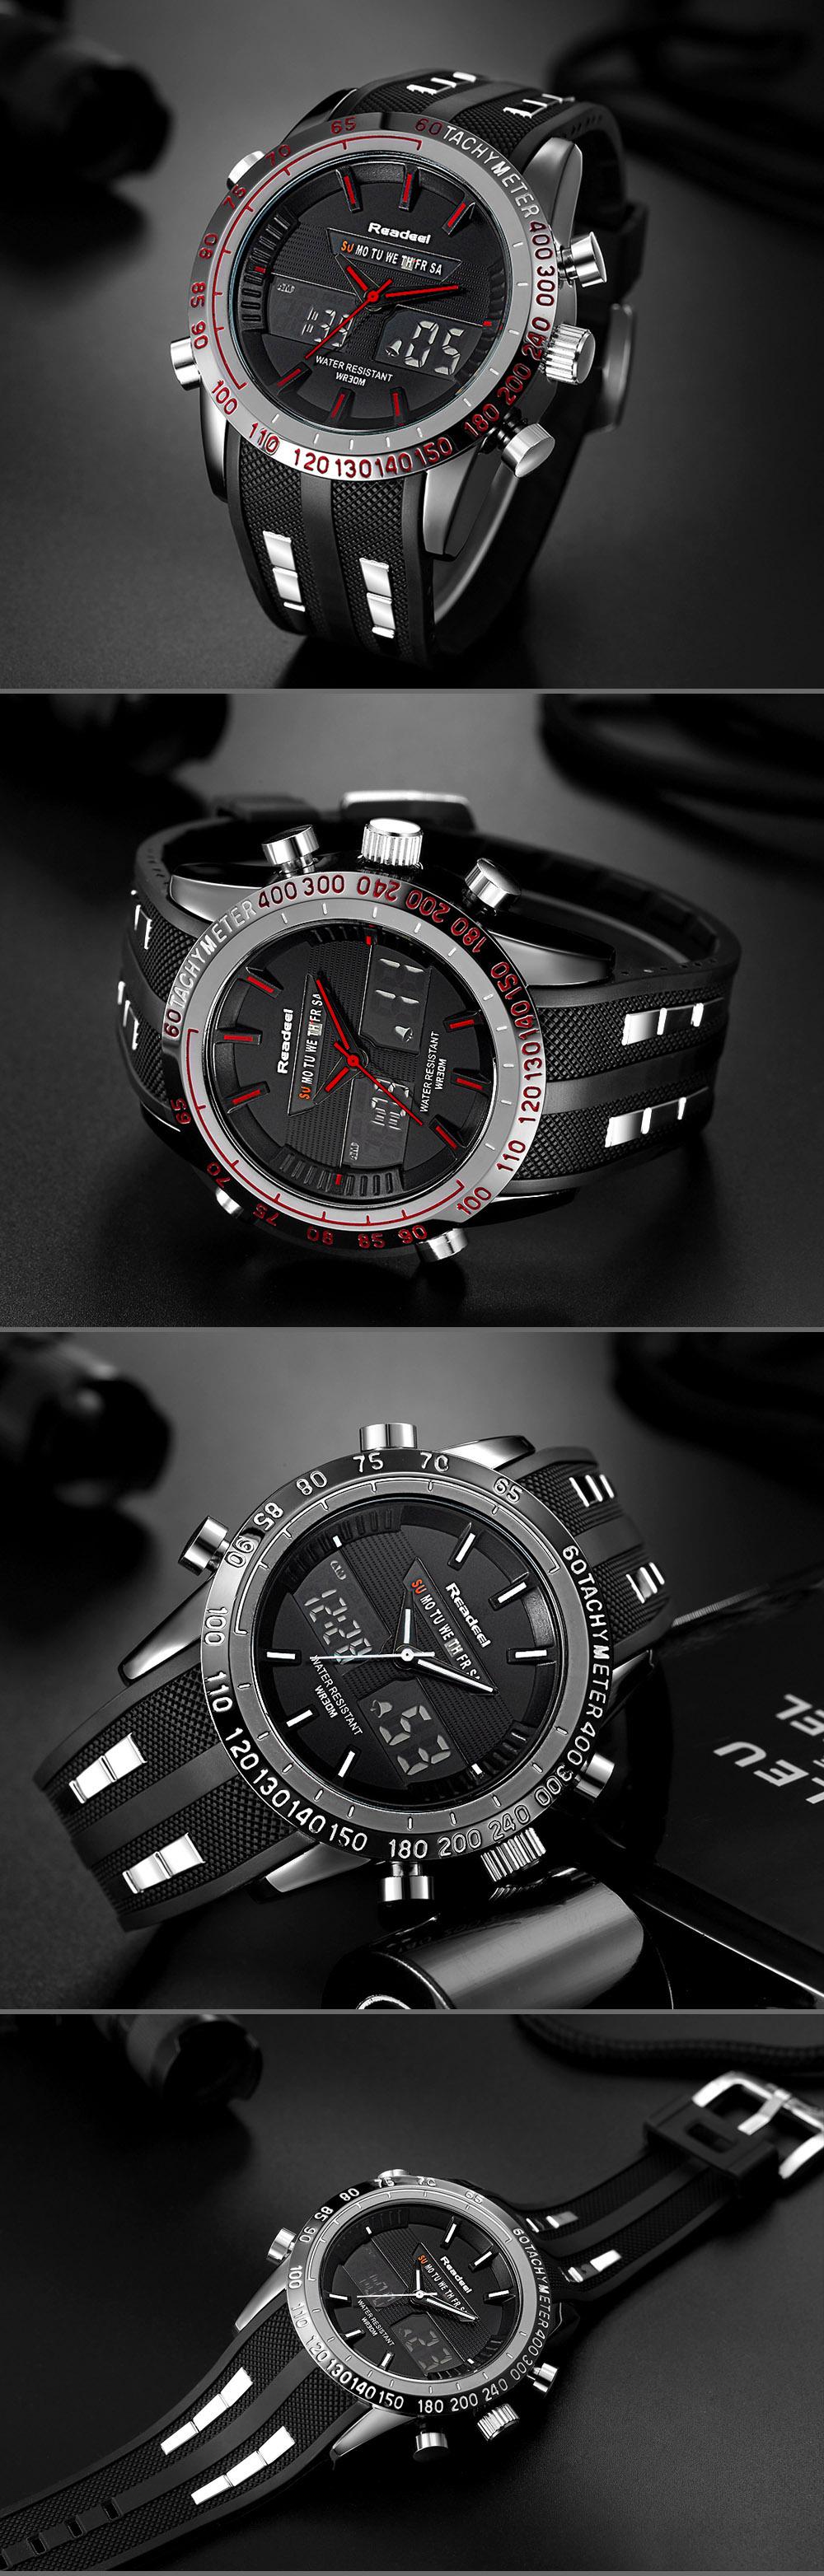 Роскошные Брендовые Часы мужские спортивные часы водонепроницаемые 06